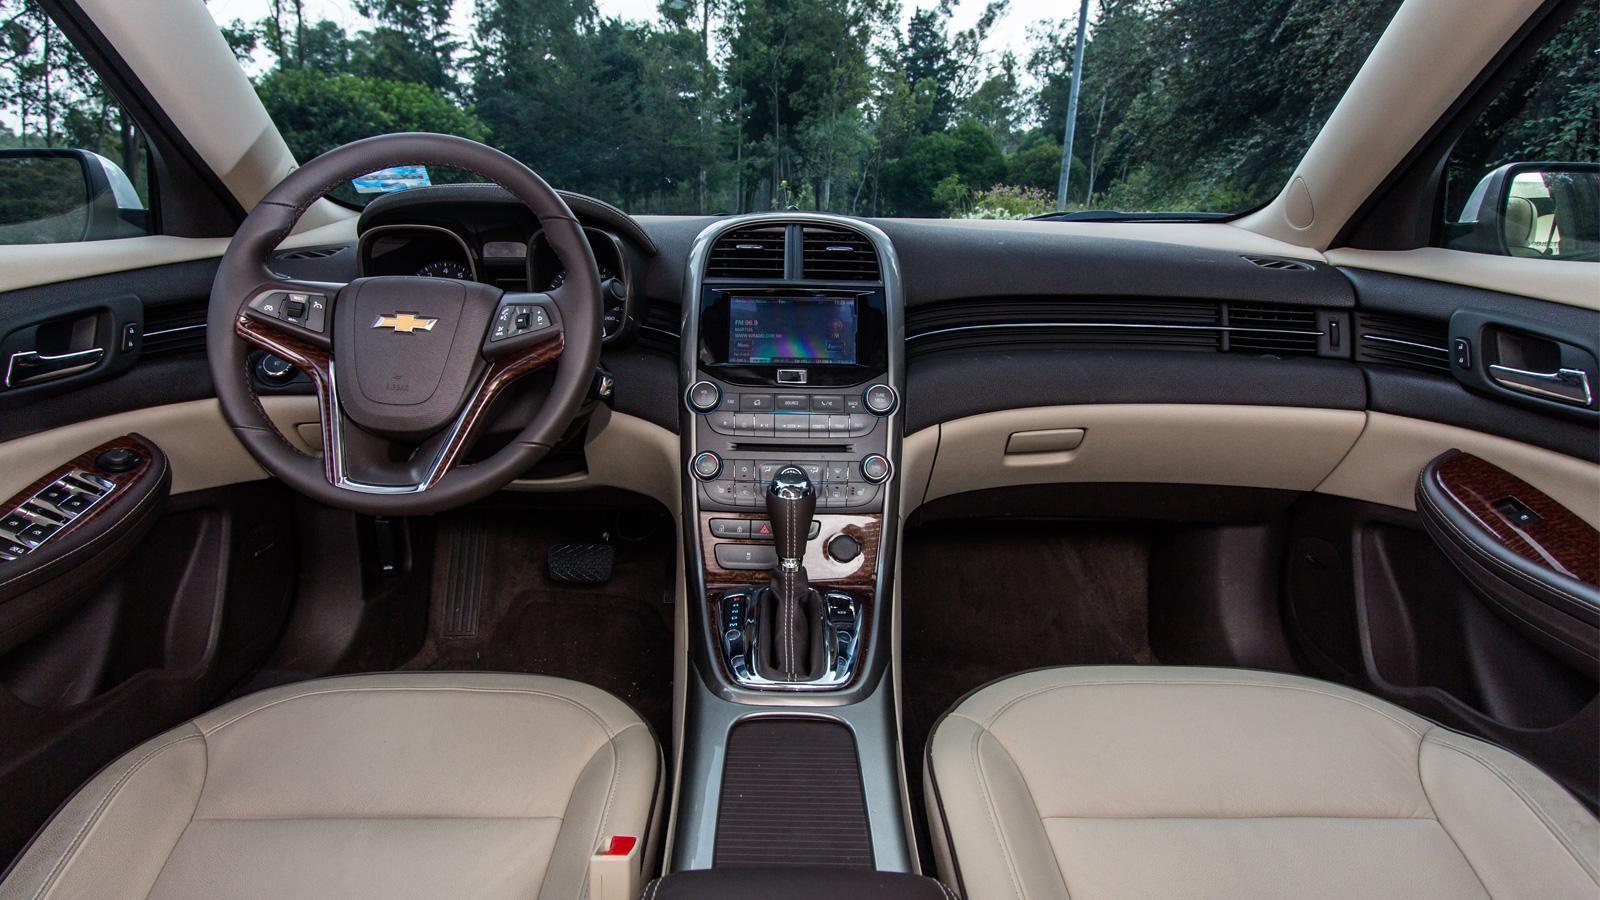 Chevrolet Malibu Lt 2 5 2013 A Prueba Autocosmos Com